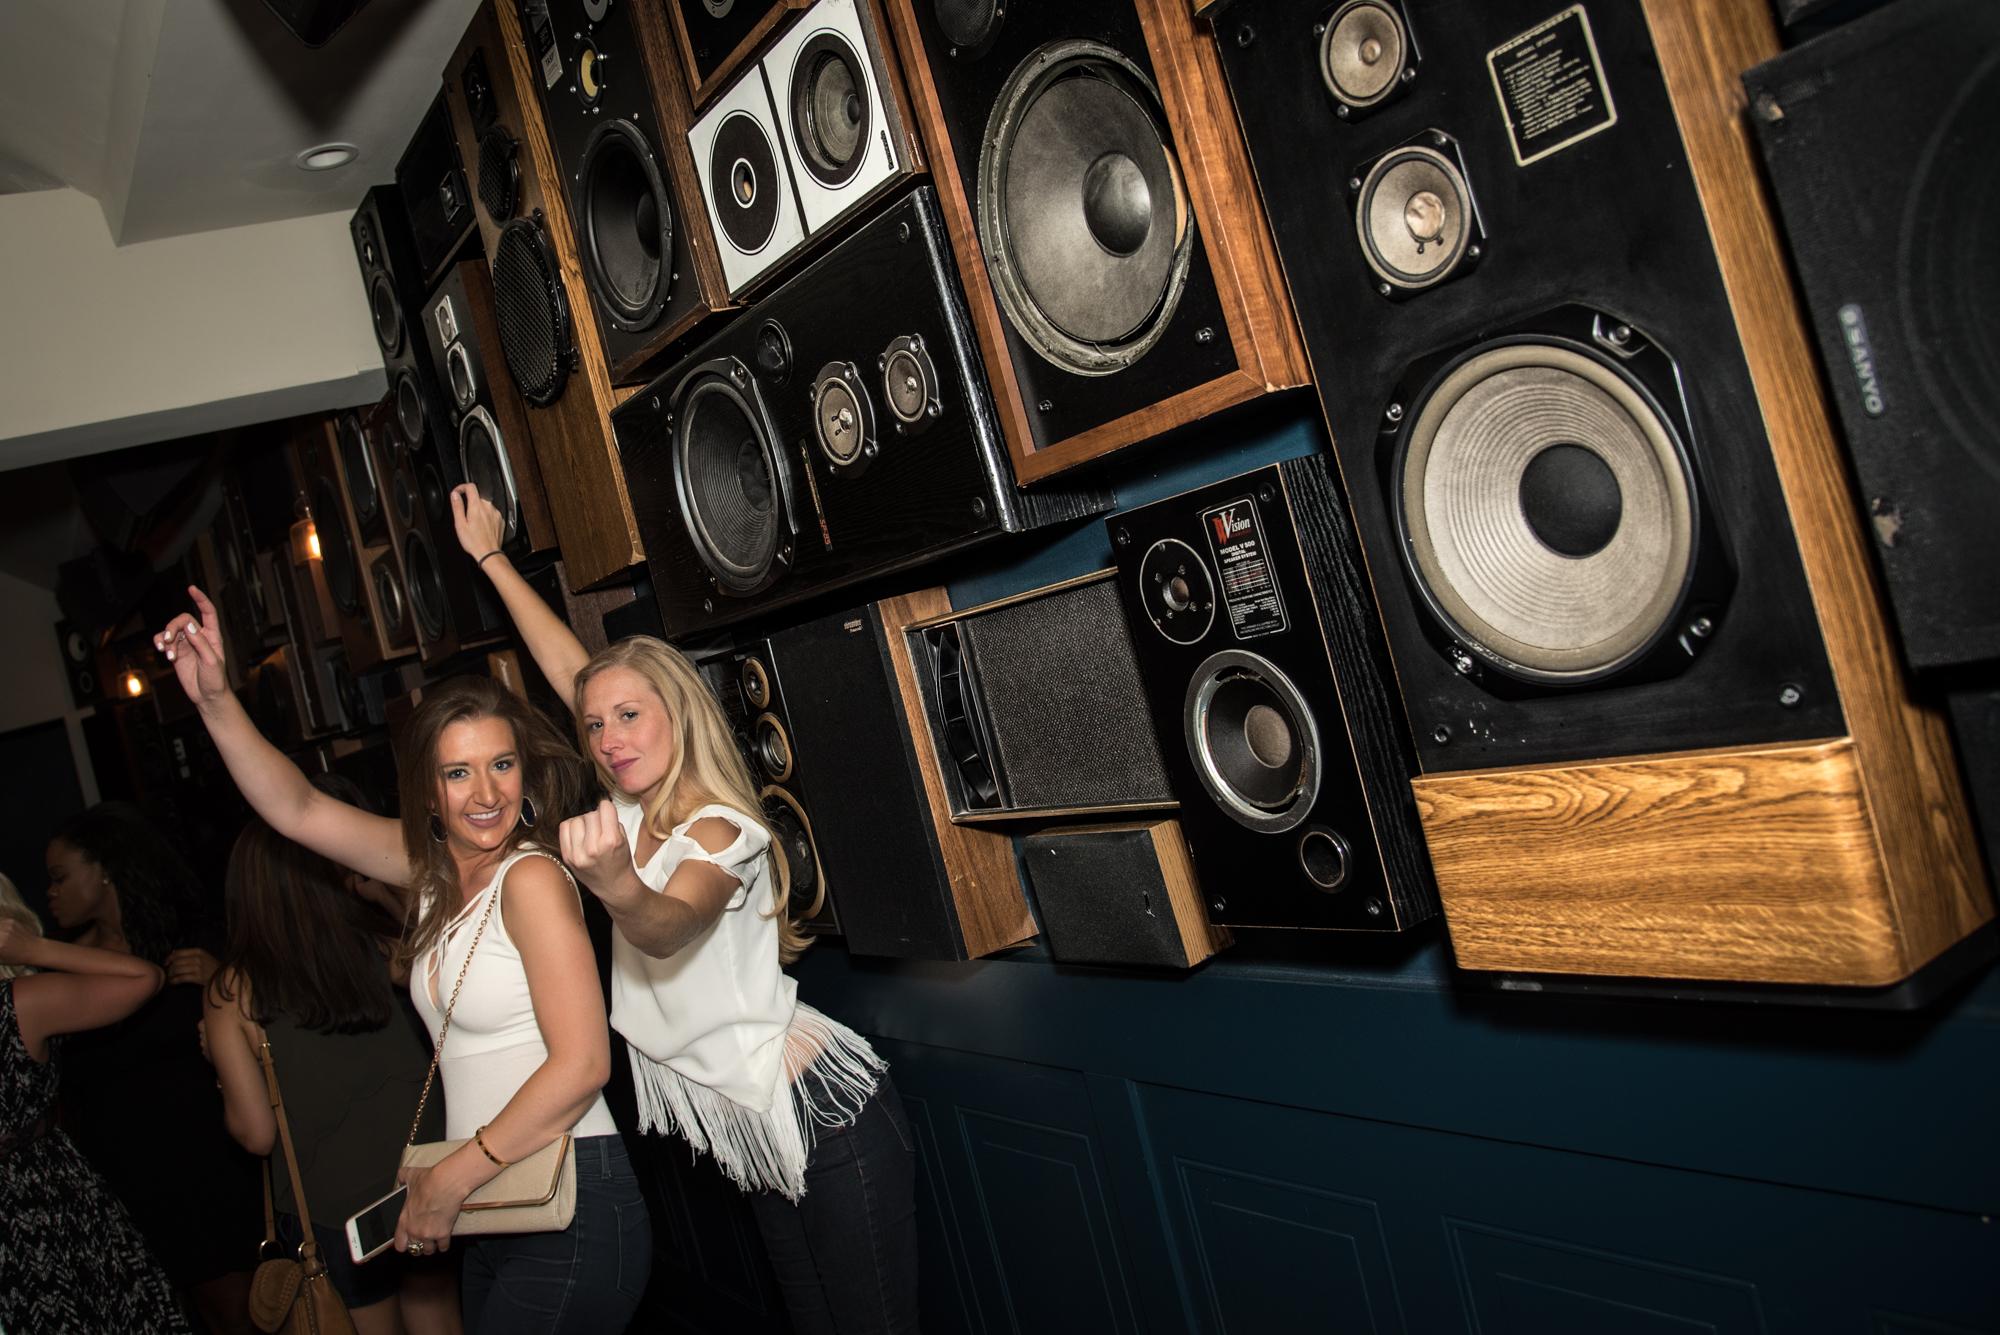 D Magazine Nightlife - Next Door Uptown - 080616 - Bret Redman-010